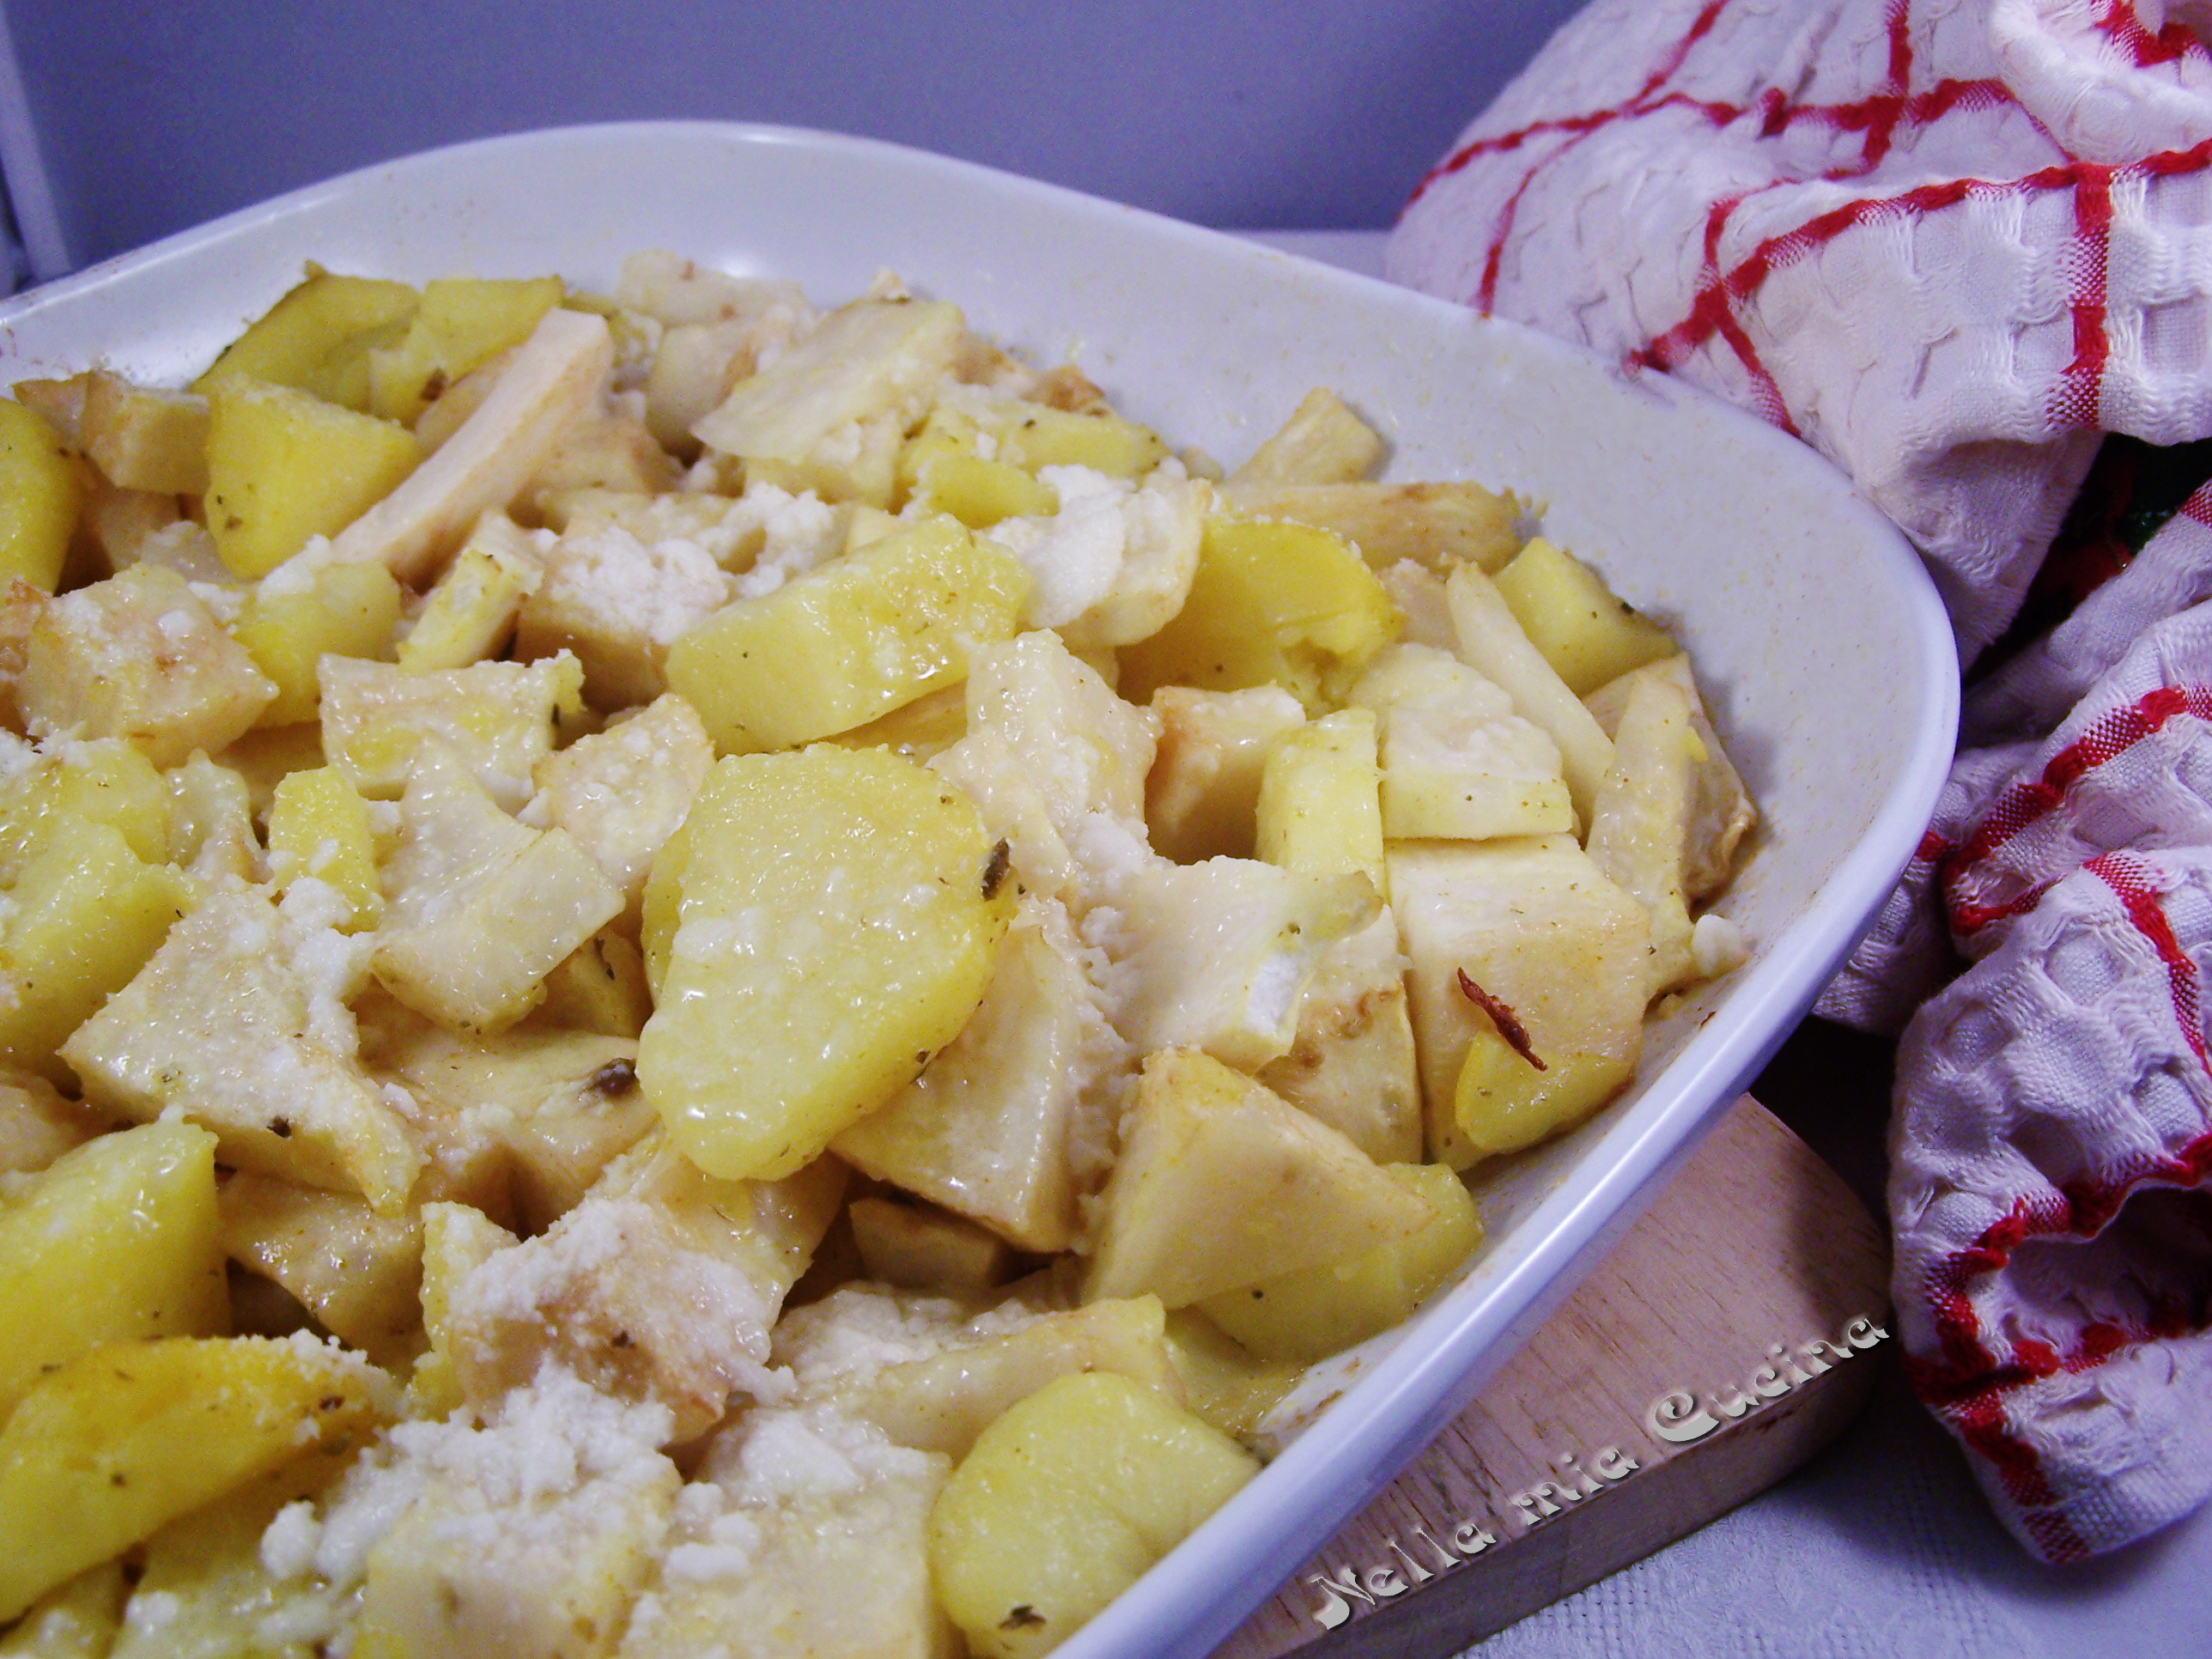 Una ricetta veloce e golosa da preparare con Sedano Rapa e Patate cotti al forno che diventa un ottimo contorno da abbinare a carni cotte alla griglia